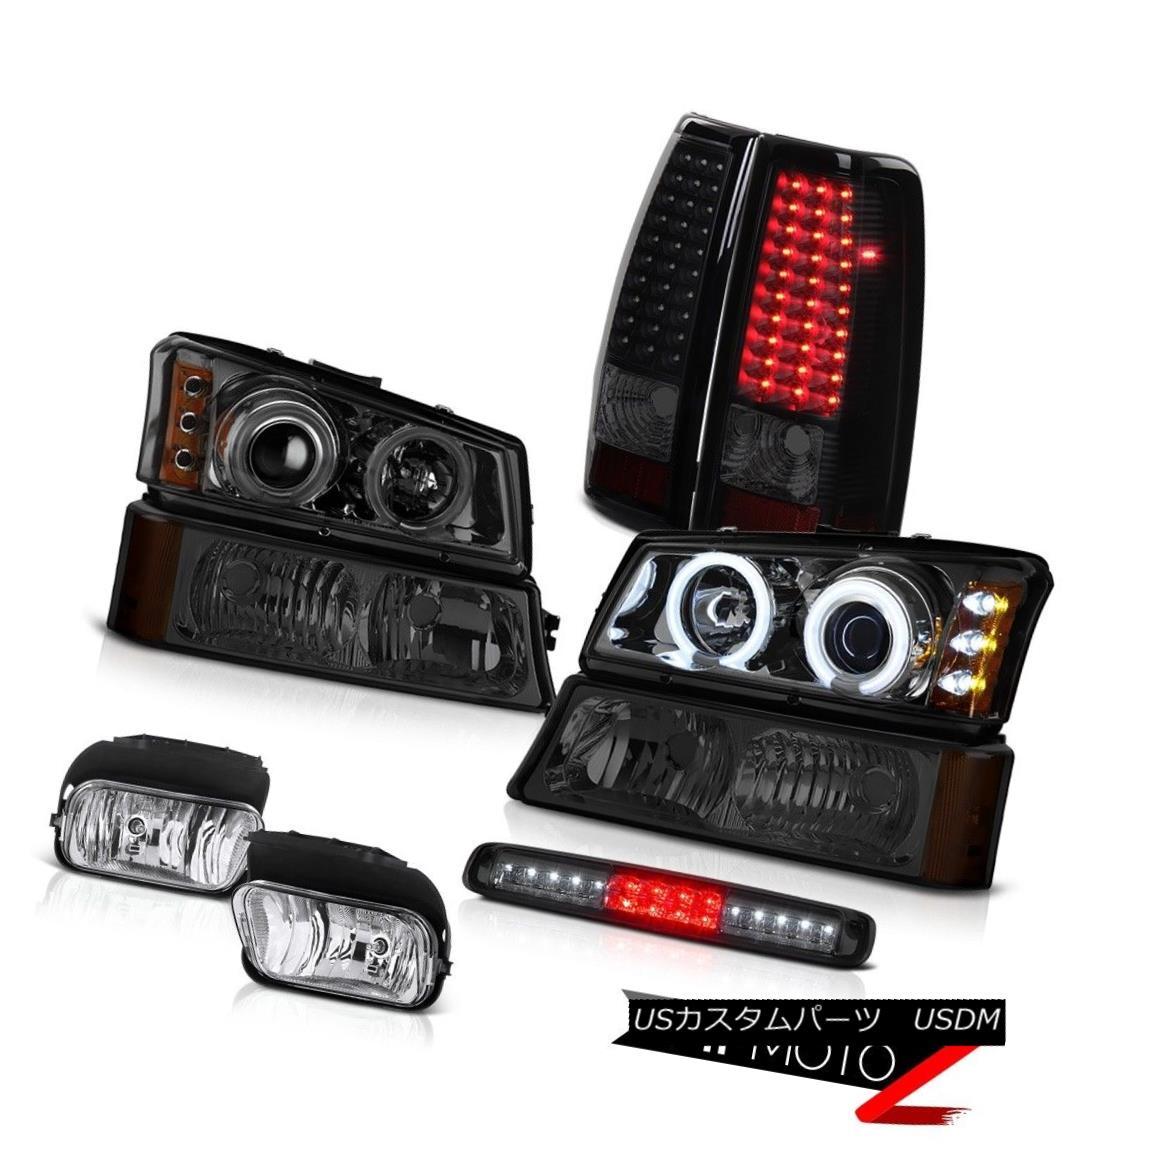 ヘッドライト 03-06 Silverado Euro Clear Foglights Signal Light Roof Cab Taillamps Headlights 03-06シルバラードユーロクリアフォグライトシグナルライトルーフキャブタイルランプヘッドライト